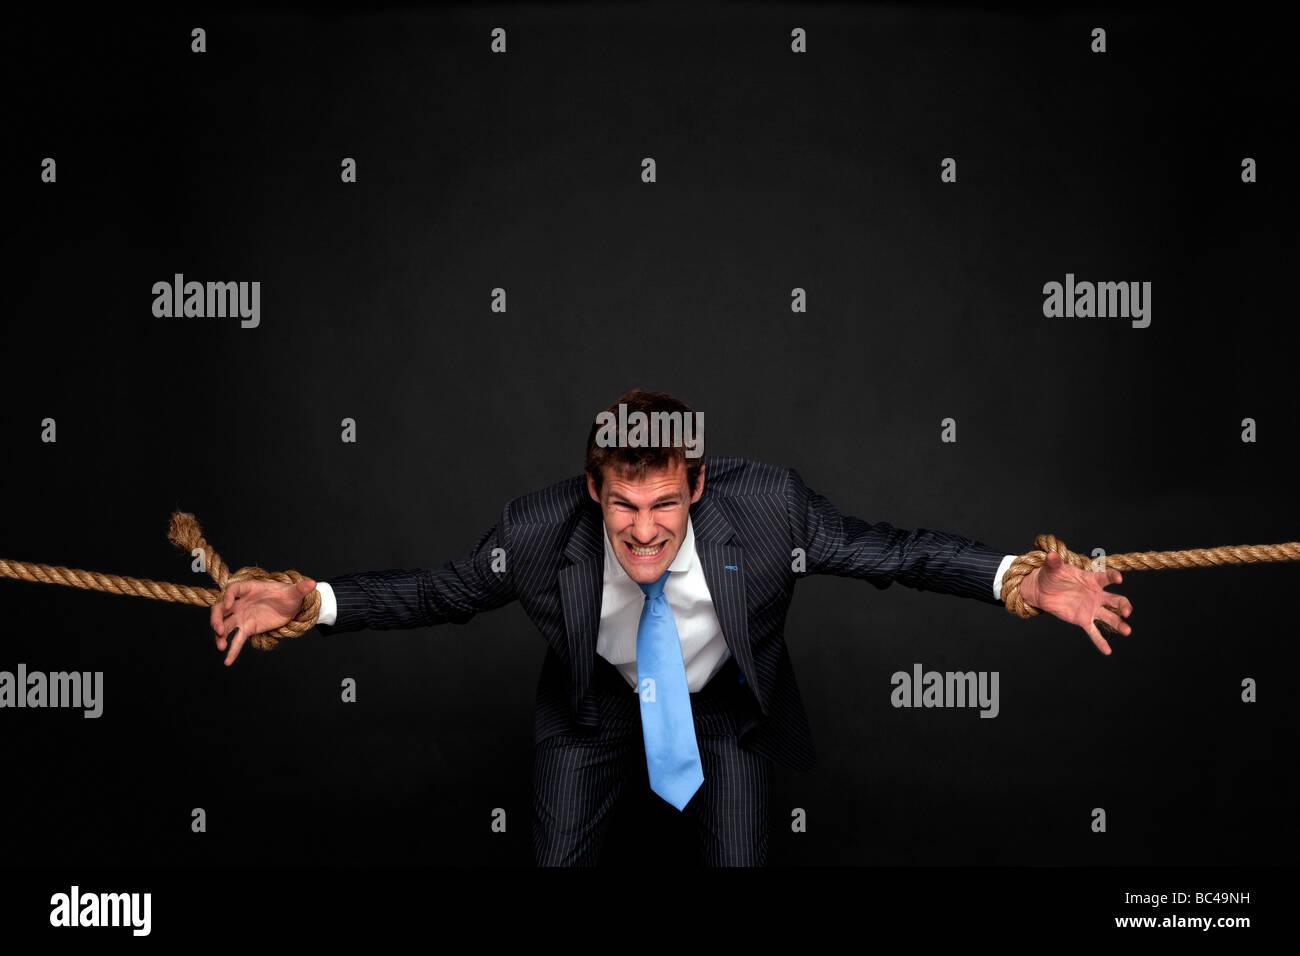 Geschäftsmann, als er s gezogen von Seil um seine Handgelenke auf beiden Seiten dunklen Hintergrund kämpfen Stockbild